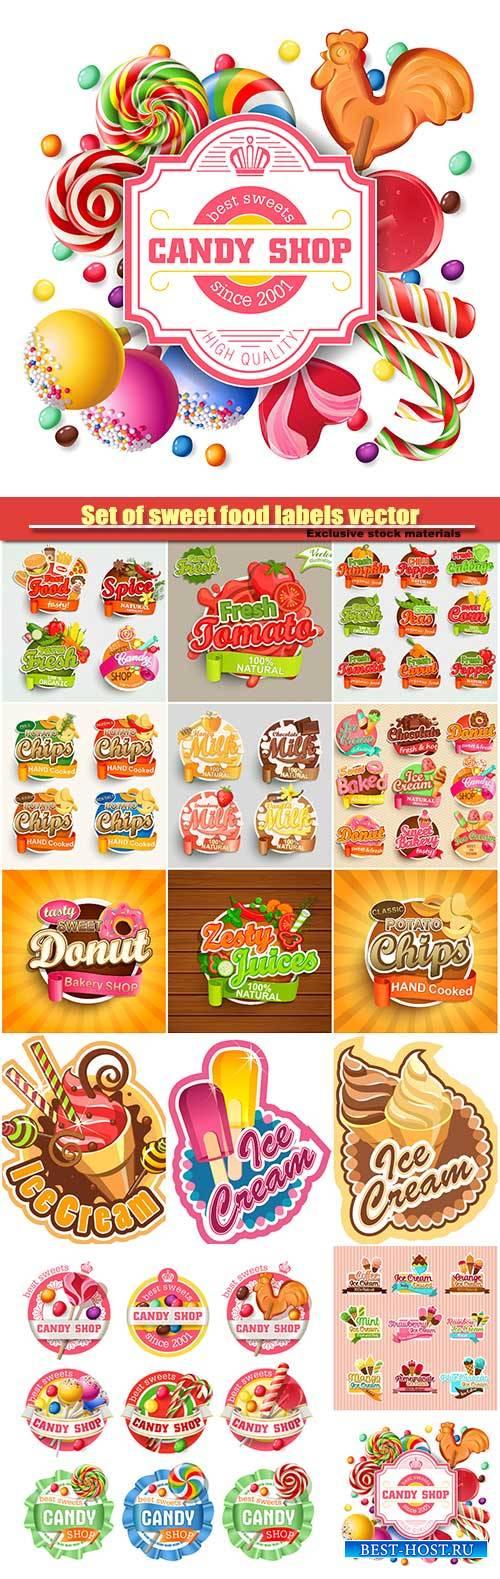 Set of sweet food labels vector illustration for cafe and restaurant menu